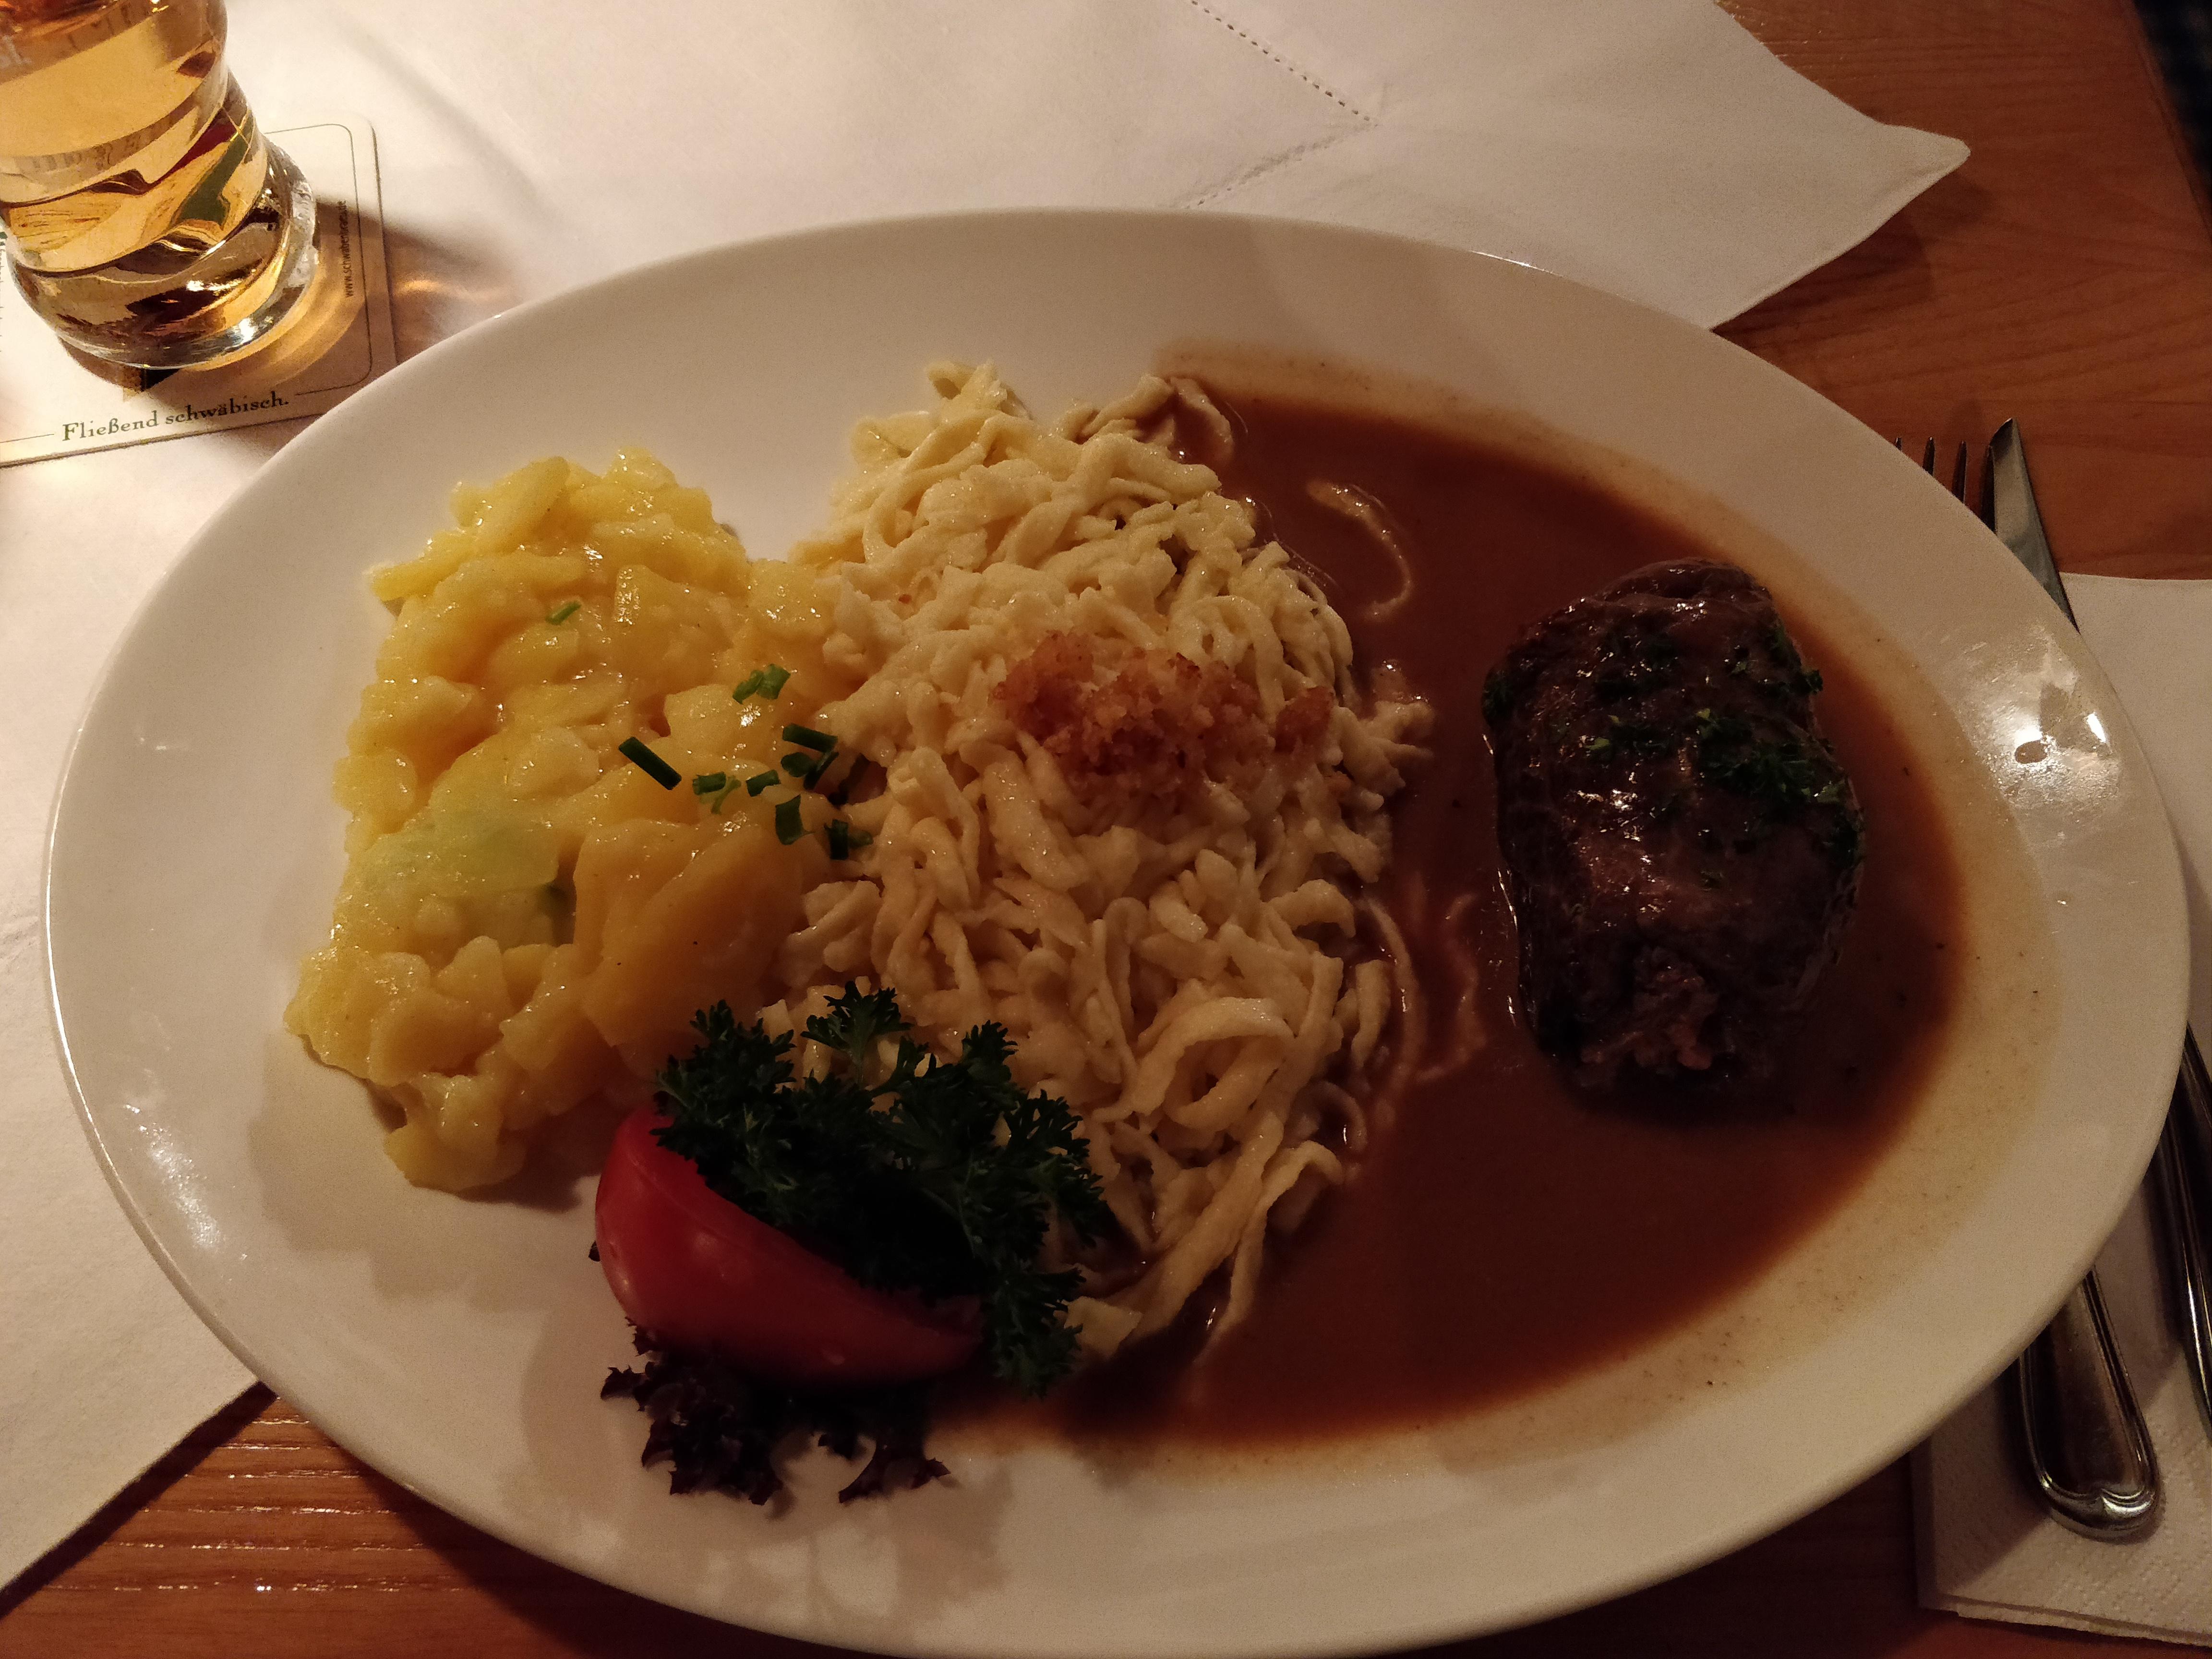 https://foodloader.net/nico_2018-11-21_rinderroulade-mit-spaetzle-und-kartoffelsalat.jpg